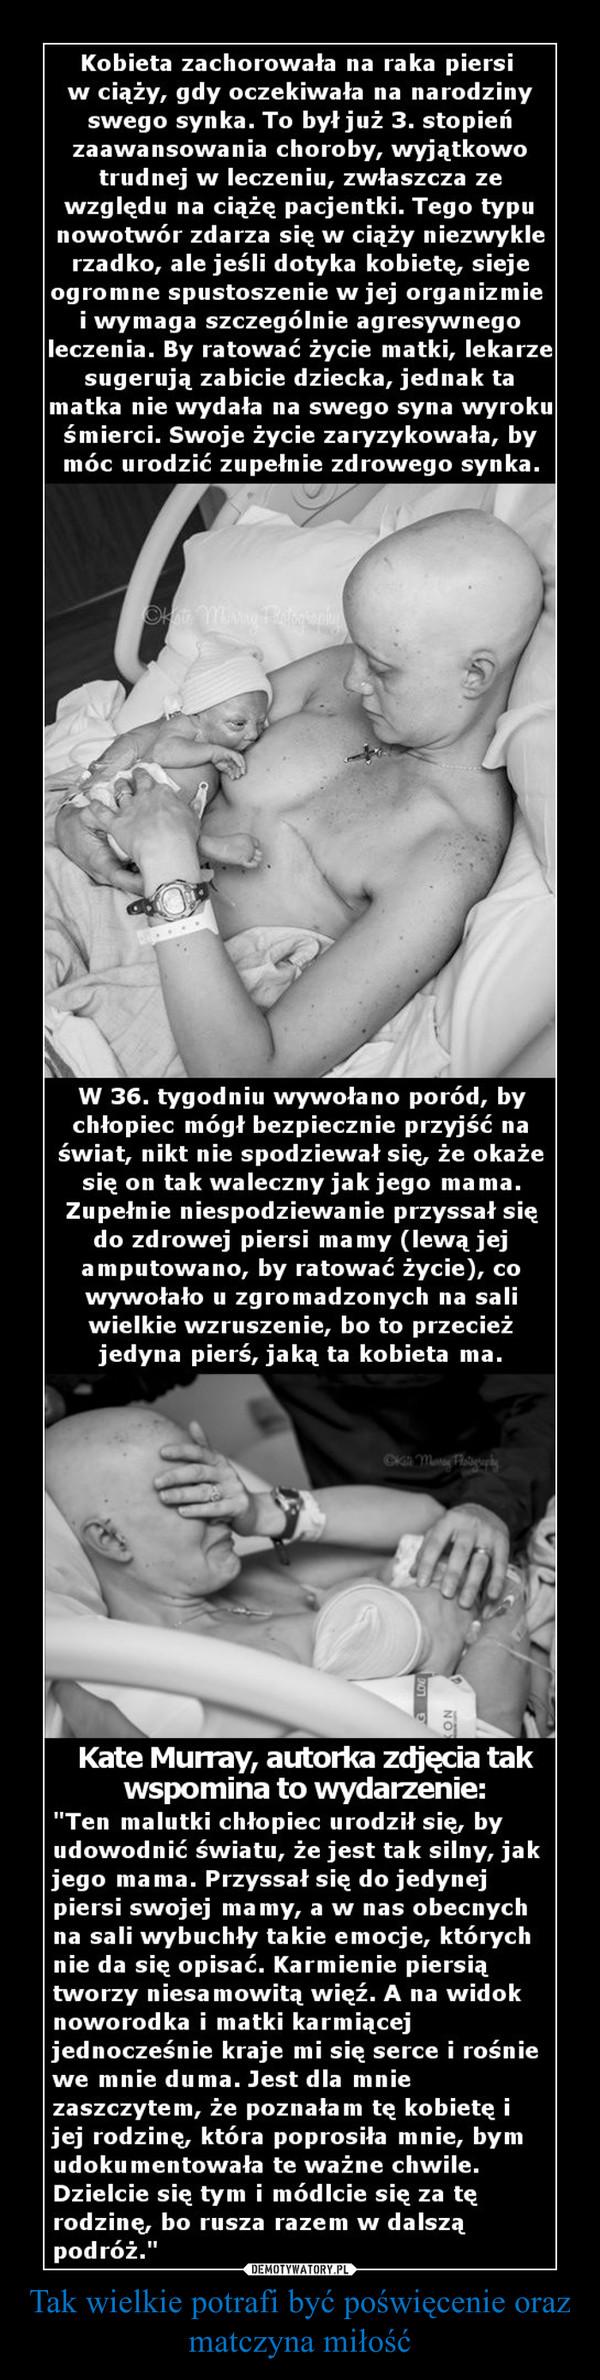 Tak wielkie potrafi być poświęcenie oraz matczyna miłość –